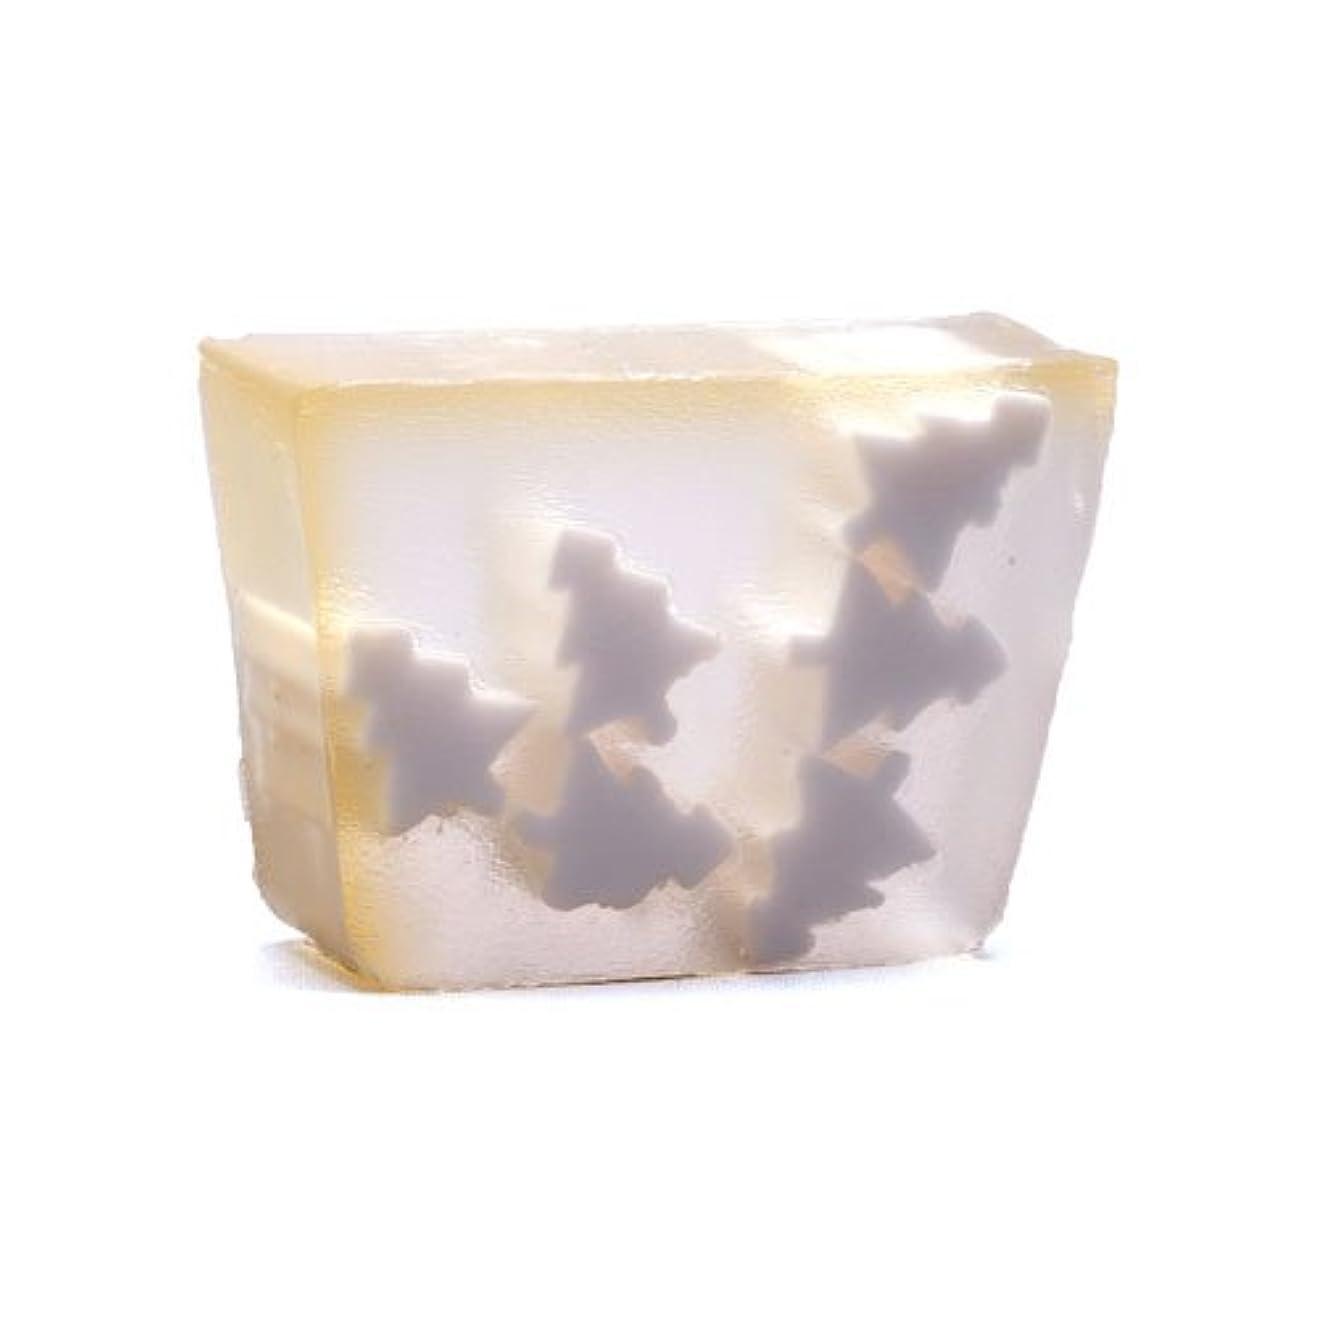 名誉ある最大限規定プライモールエレメンツ アロマティック ミニソープ ホワイトワンダーランド 80g 植物性 ナチュラル 石鹸 無添加